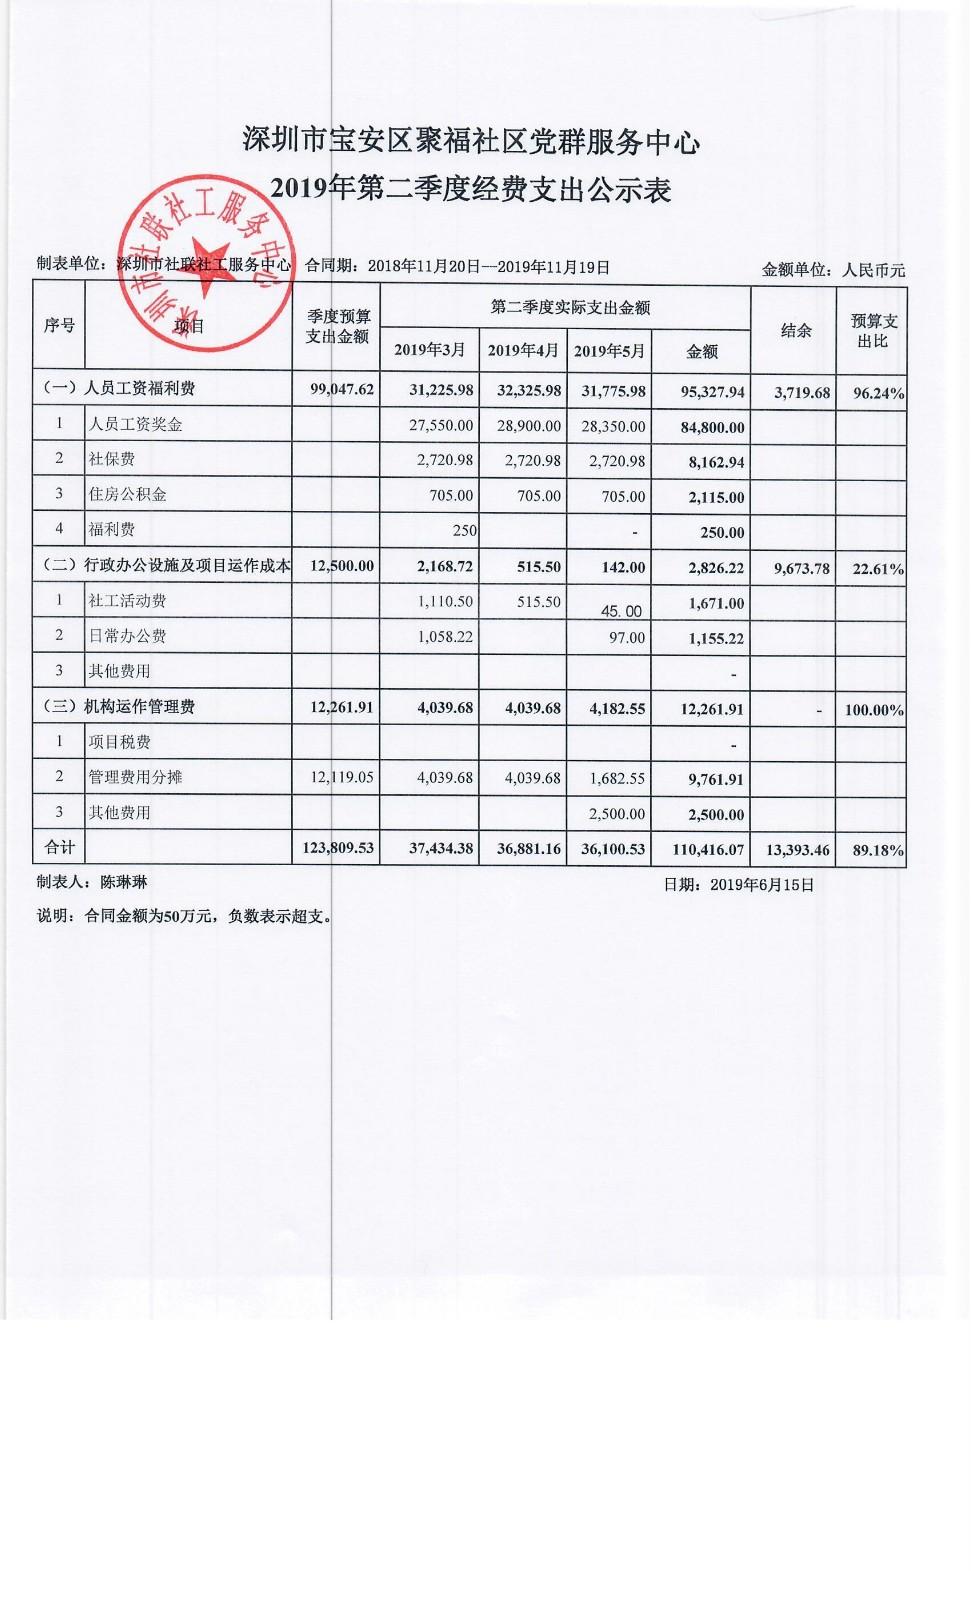 聚福社区2019第二季度经费支出公示表